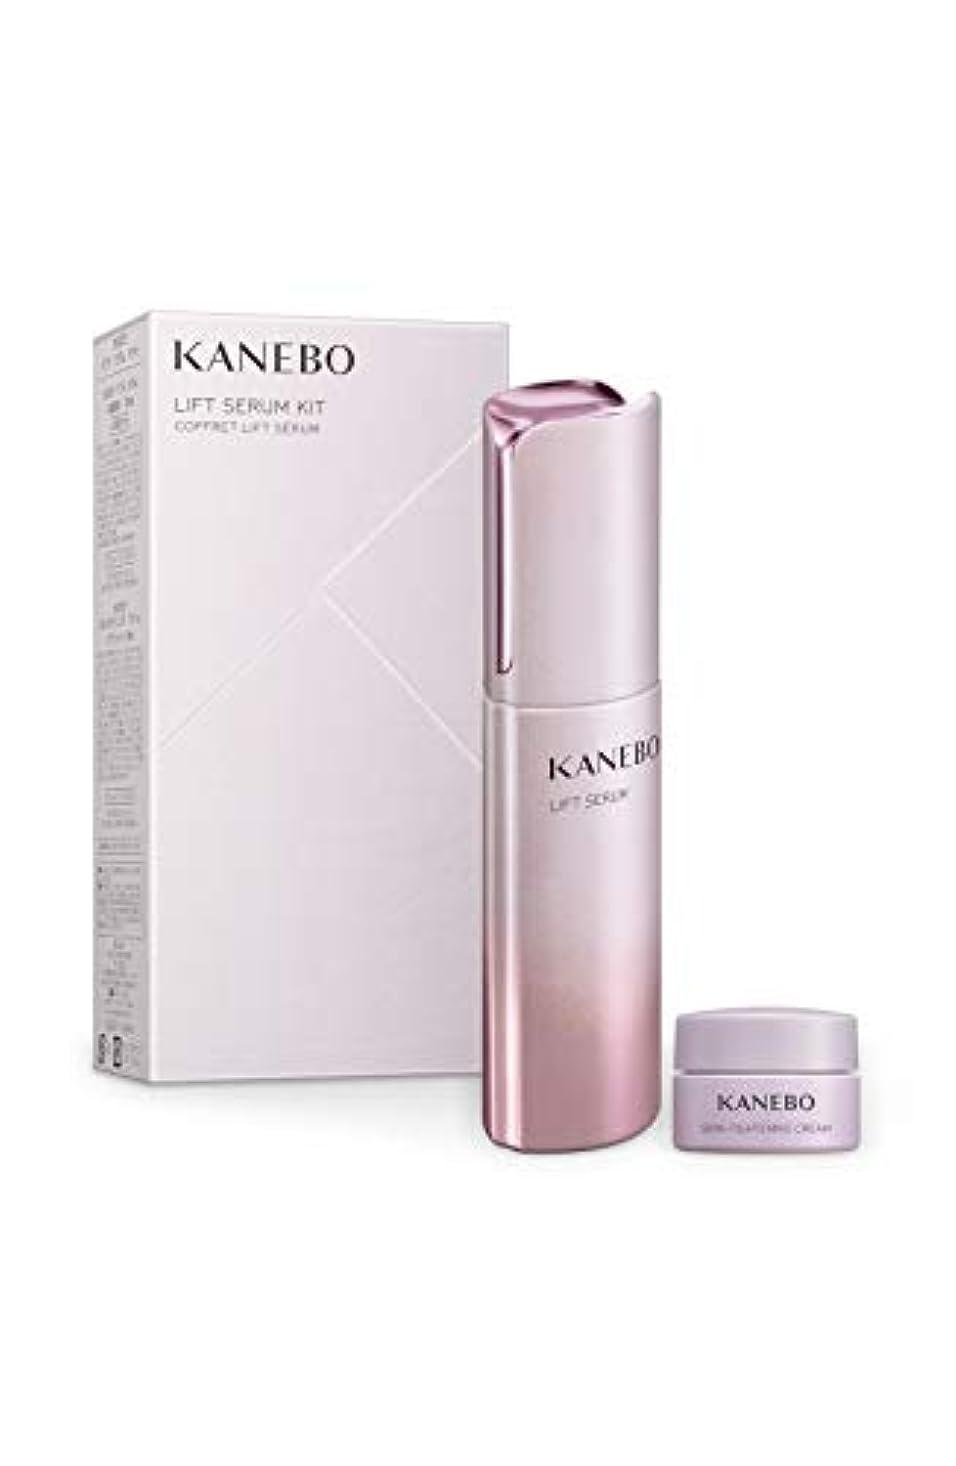 合図見かけ上風景KANEBO(カネボウ) カネボウ リフト セラム キット 美容液